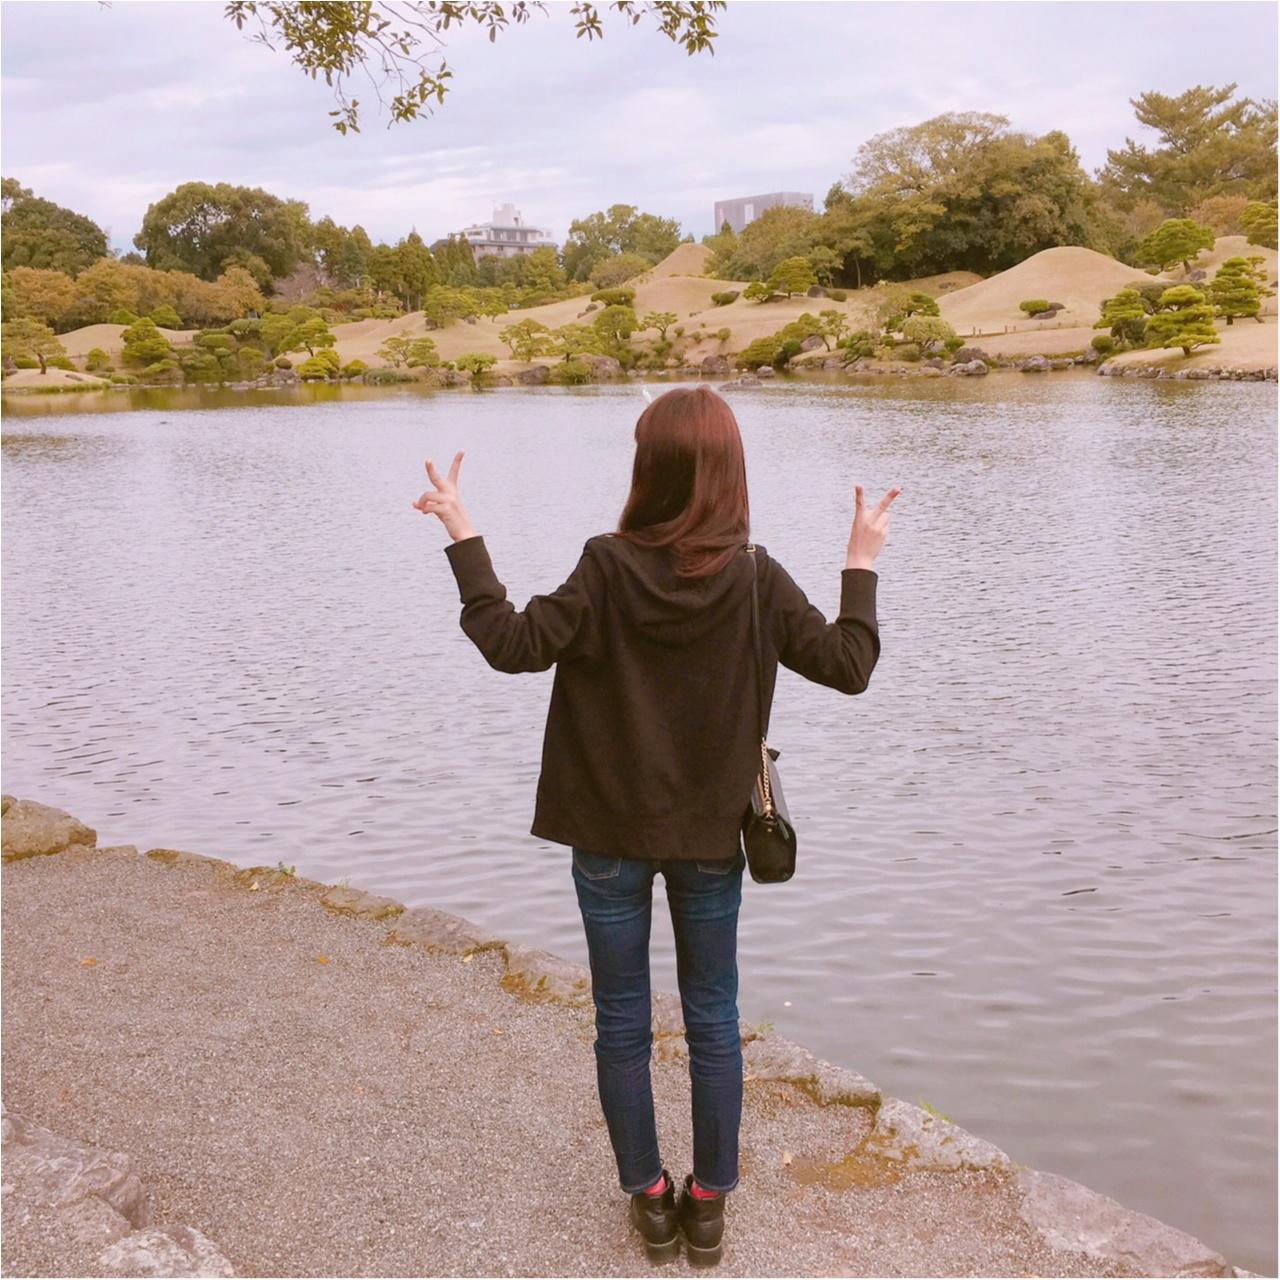 【動画で紹介!】熊本市内に発見! SNS映えする美しい庭園「水前寺成趣園」でリフレッシュ!【#モアチャレ 熊本の魅力発信!】_2